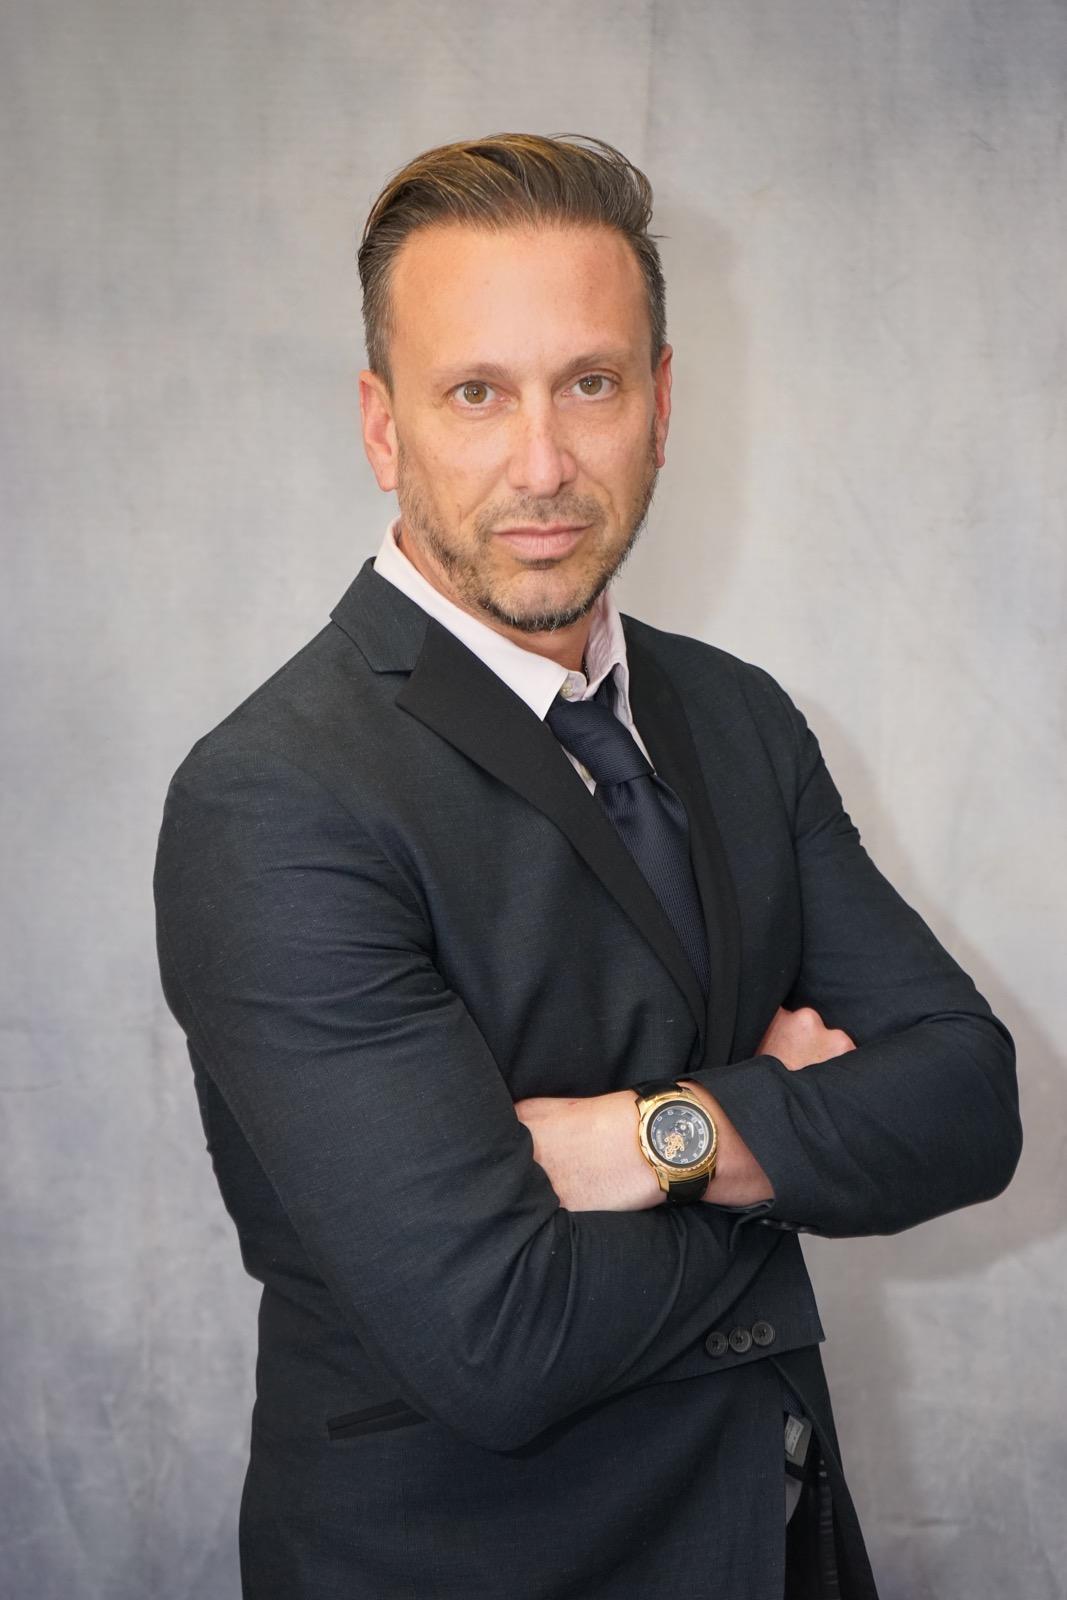 Marcello undefined Petruzzella